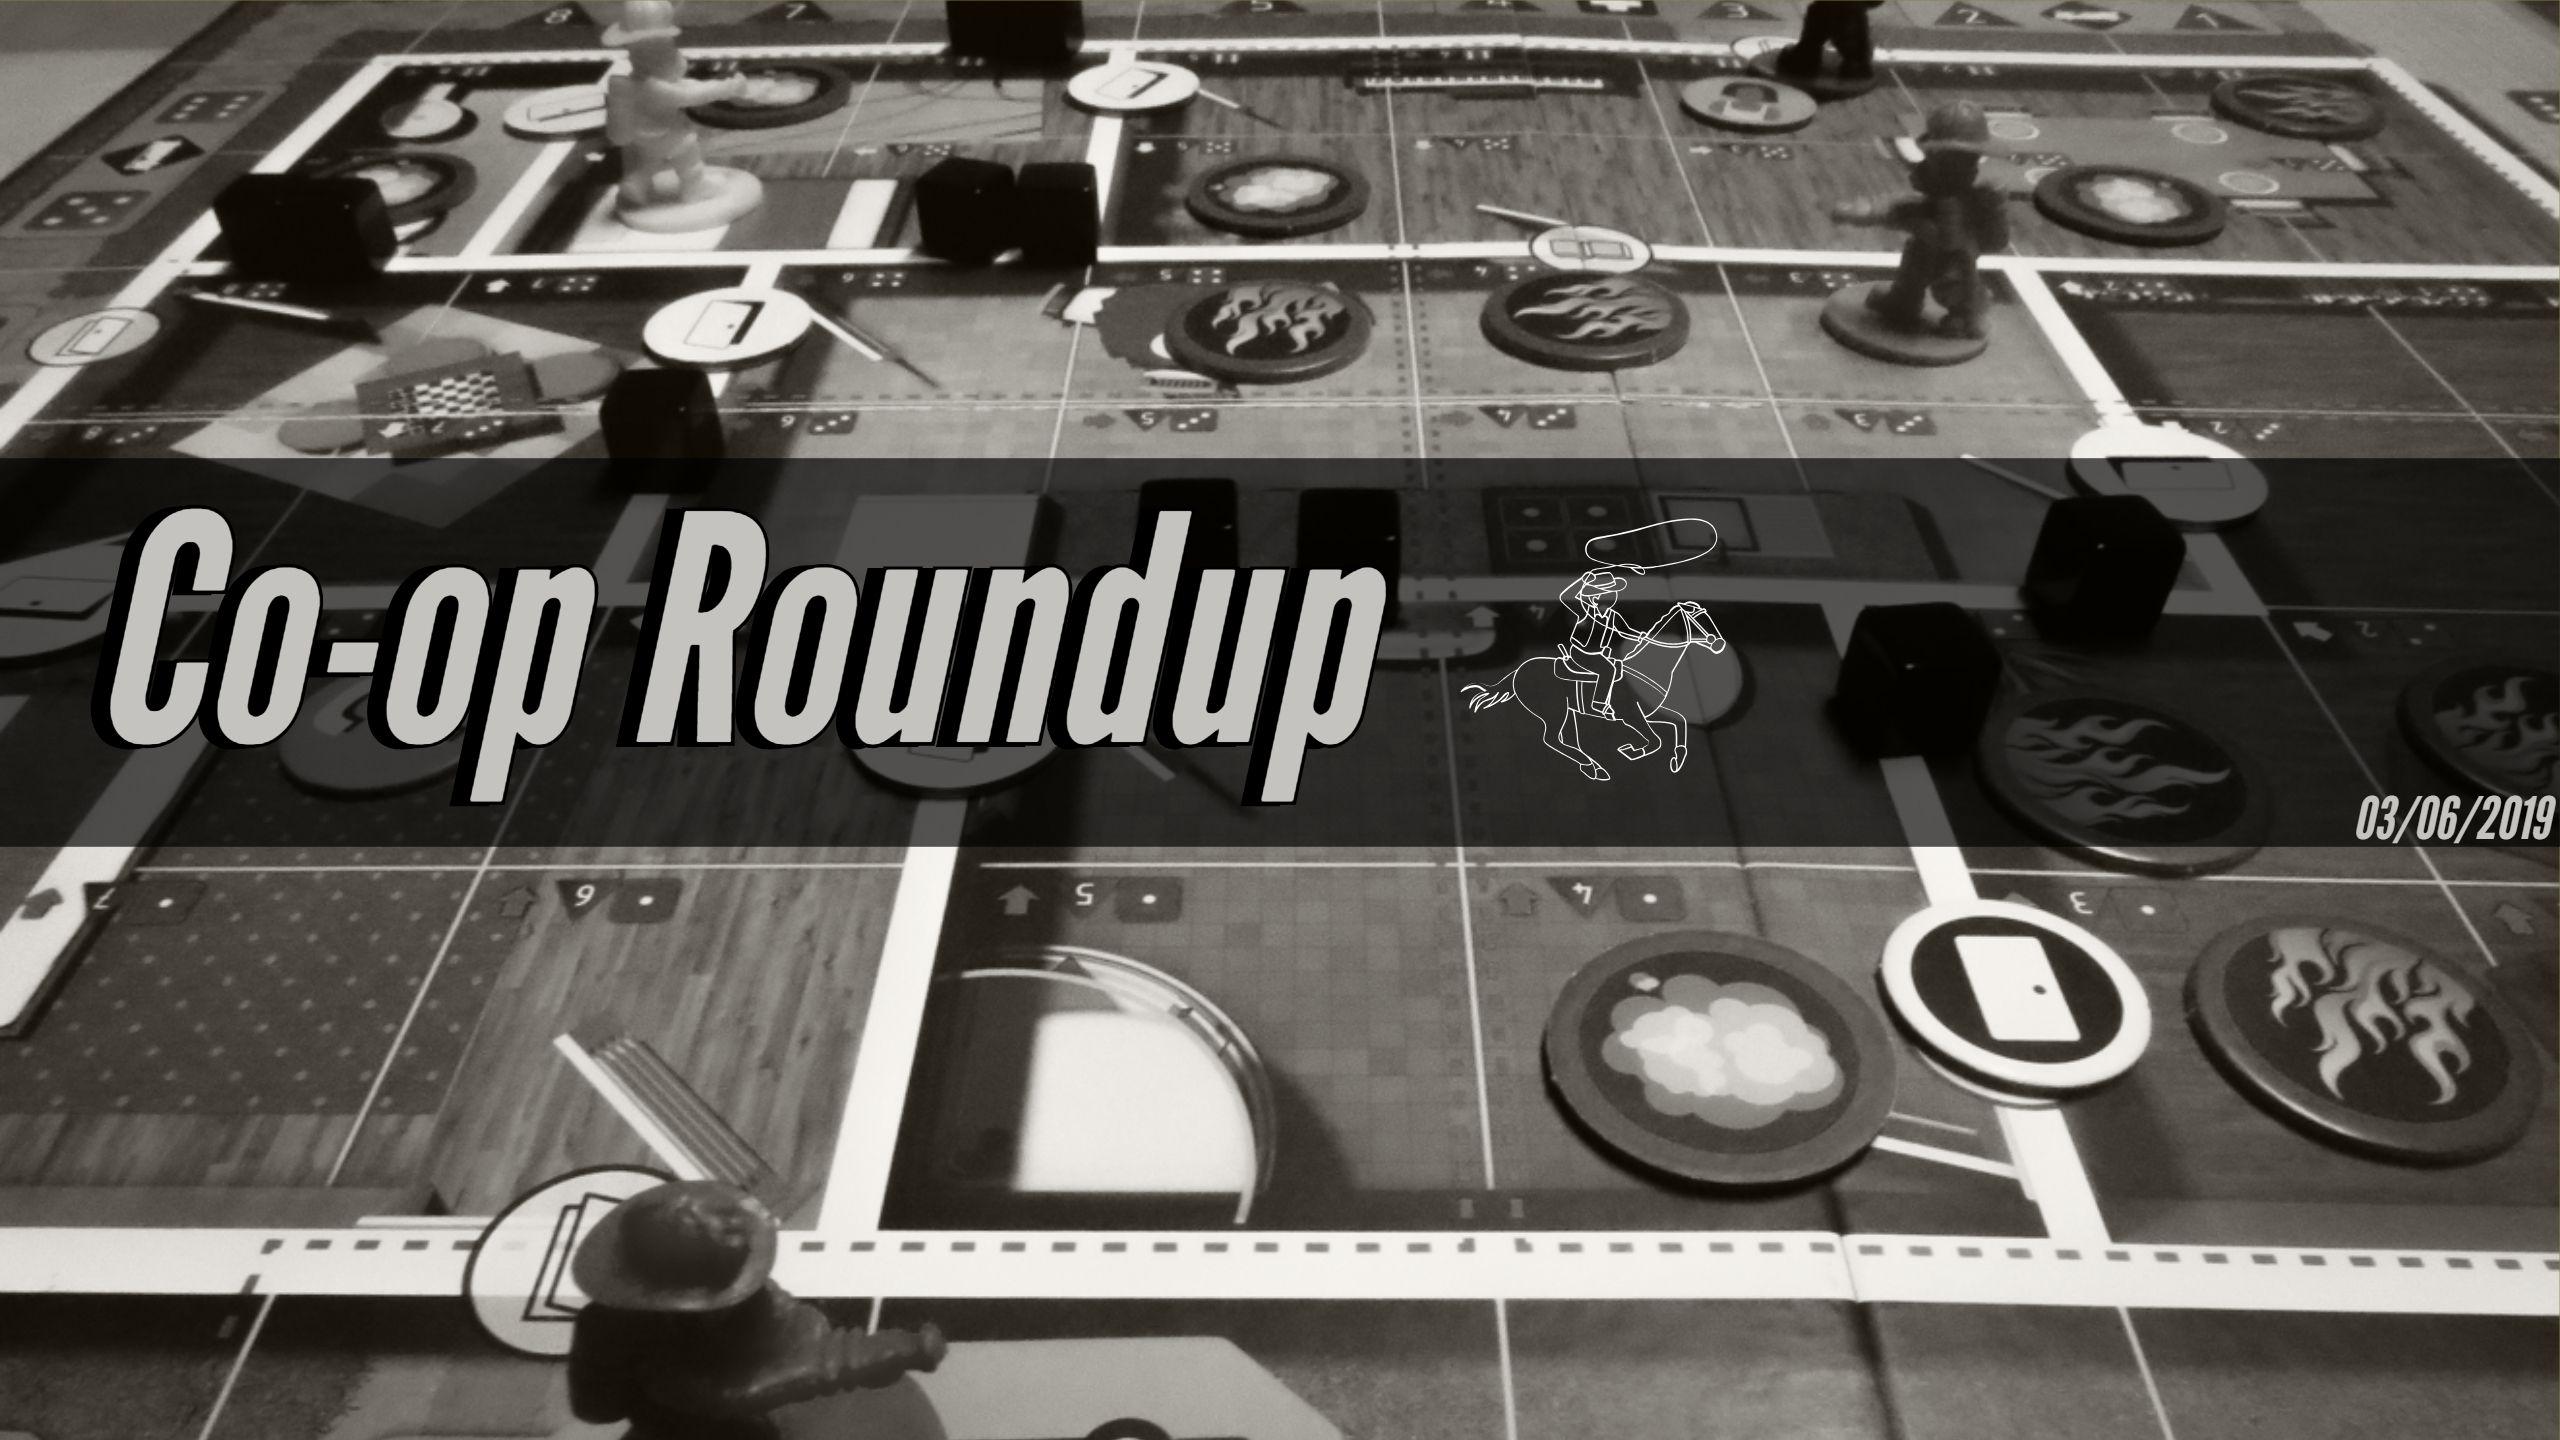 Coop roundup march 06 2019 coop board games games